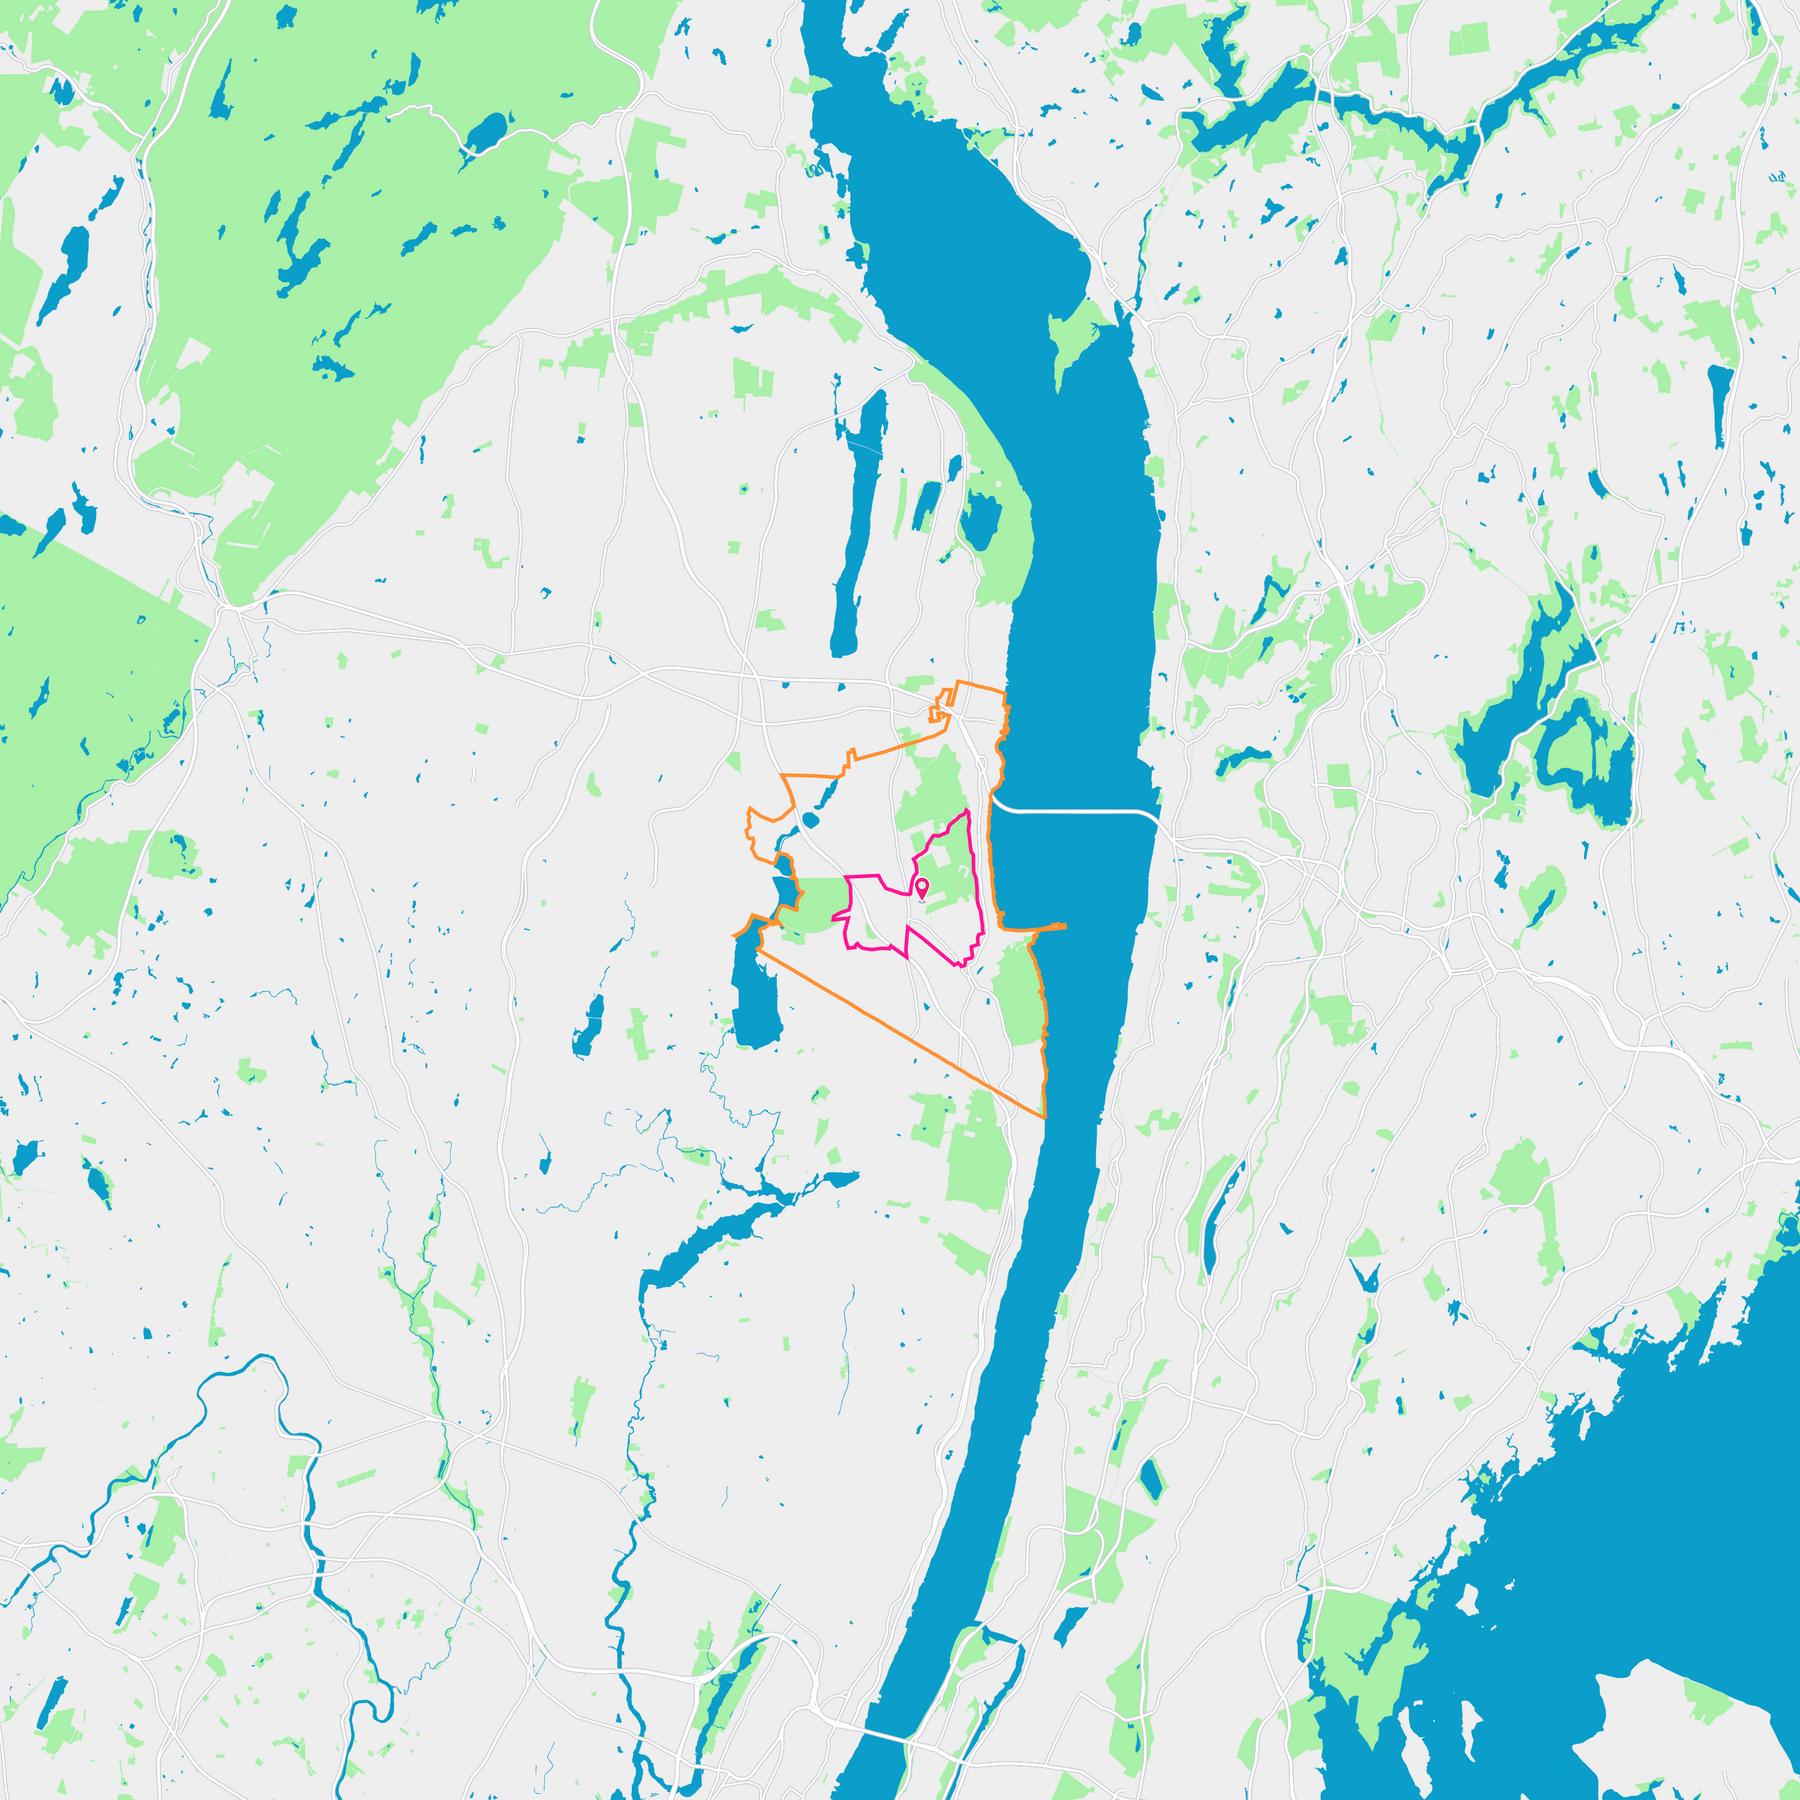 Local Com Homes For Rent: Orangeburg, Orangetown NY - Neighborhood Guide